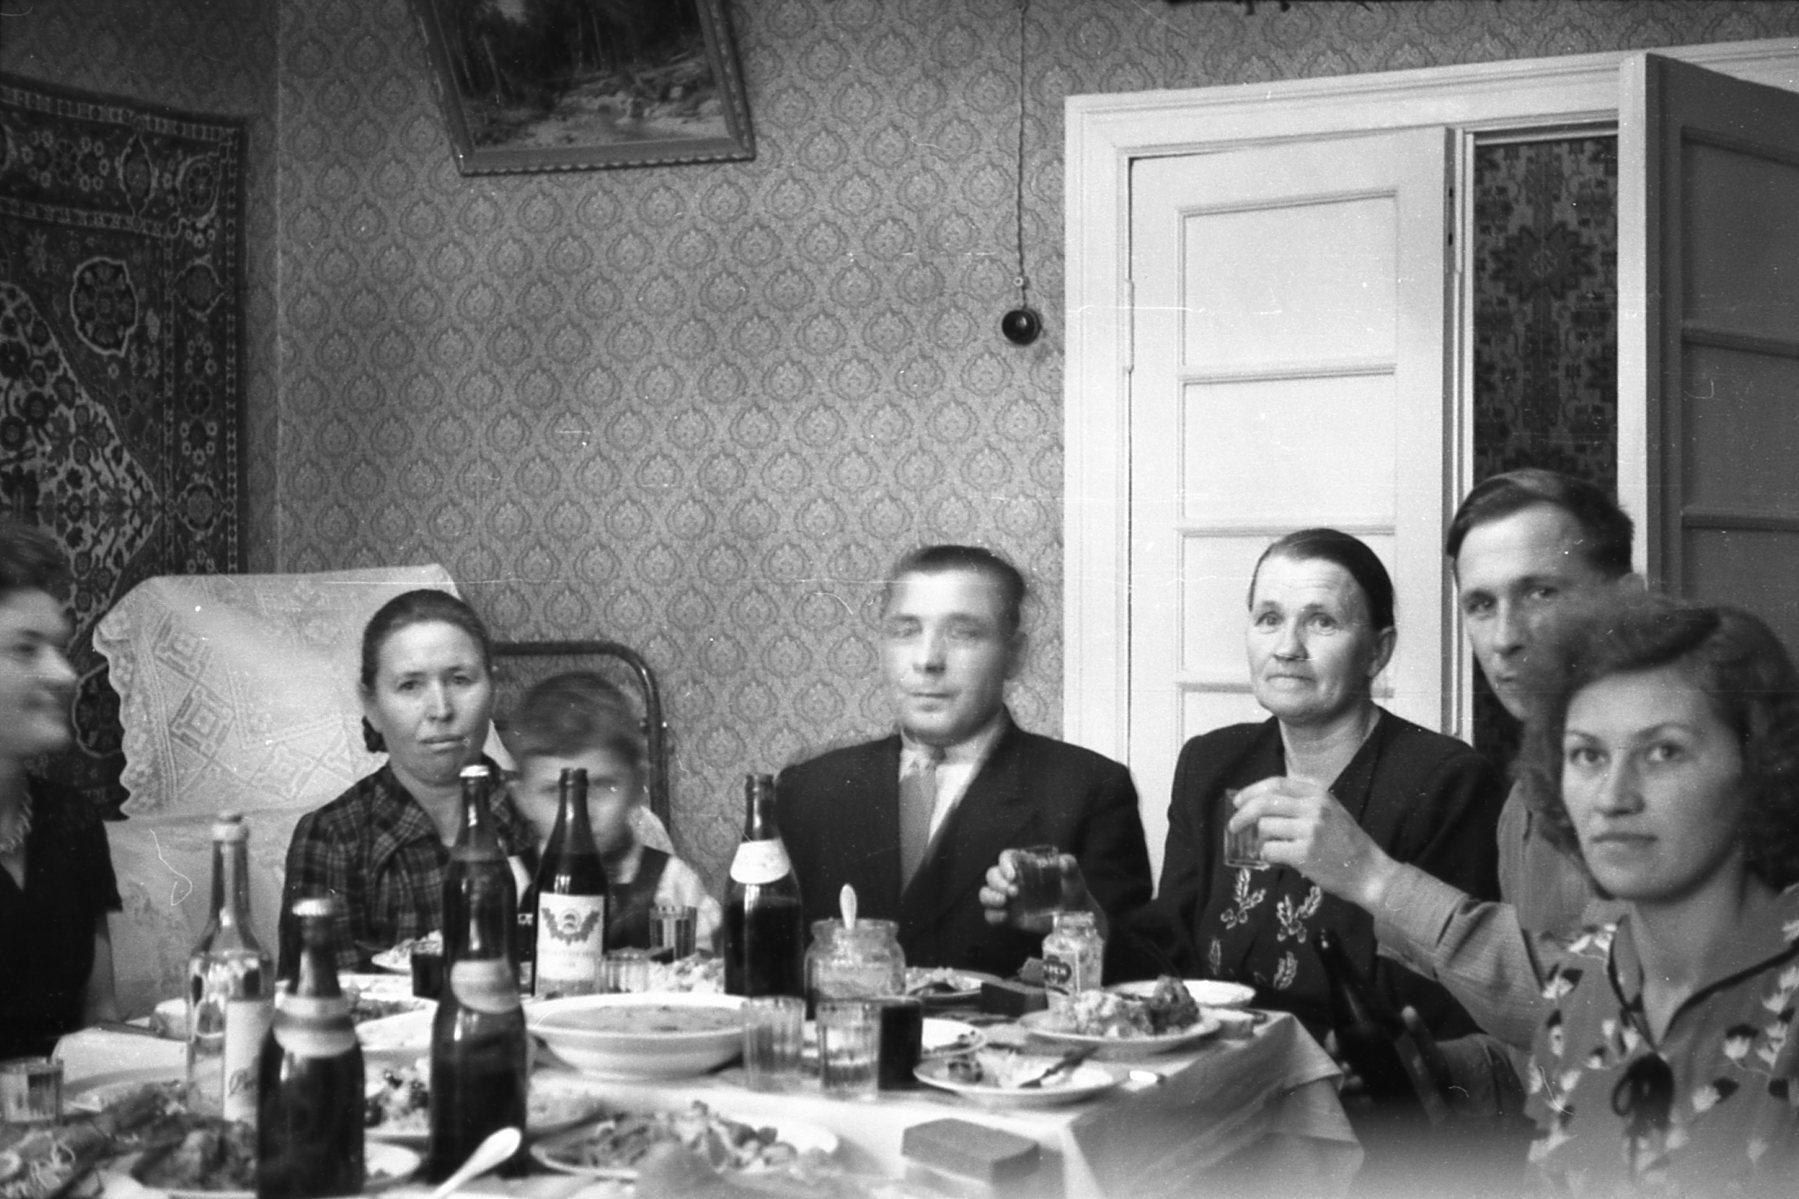 Праздничное застолье в доме с башенкой, Очаково, 1956-57 гг.